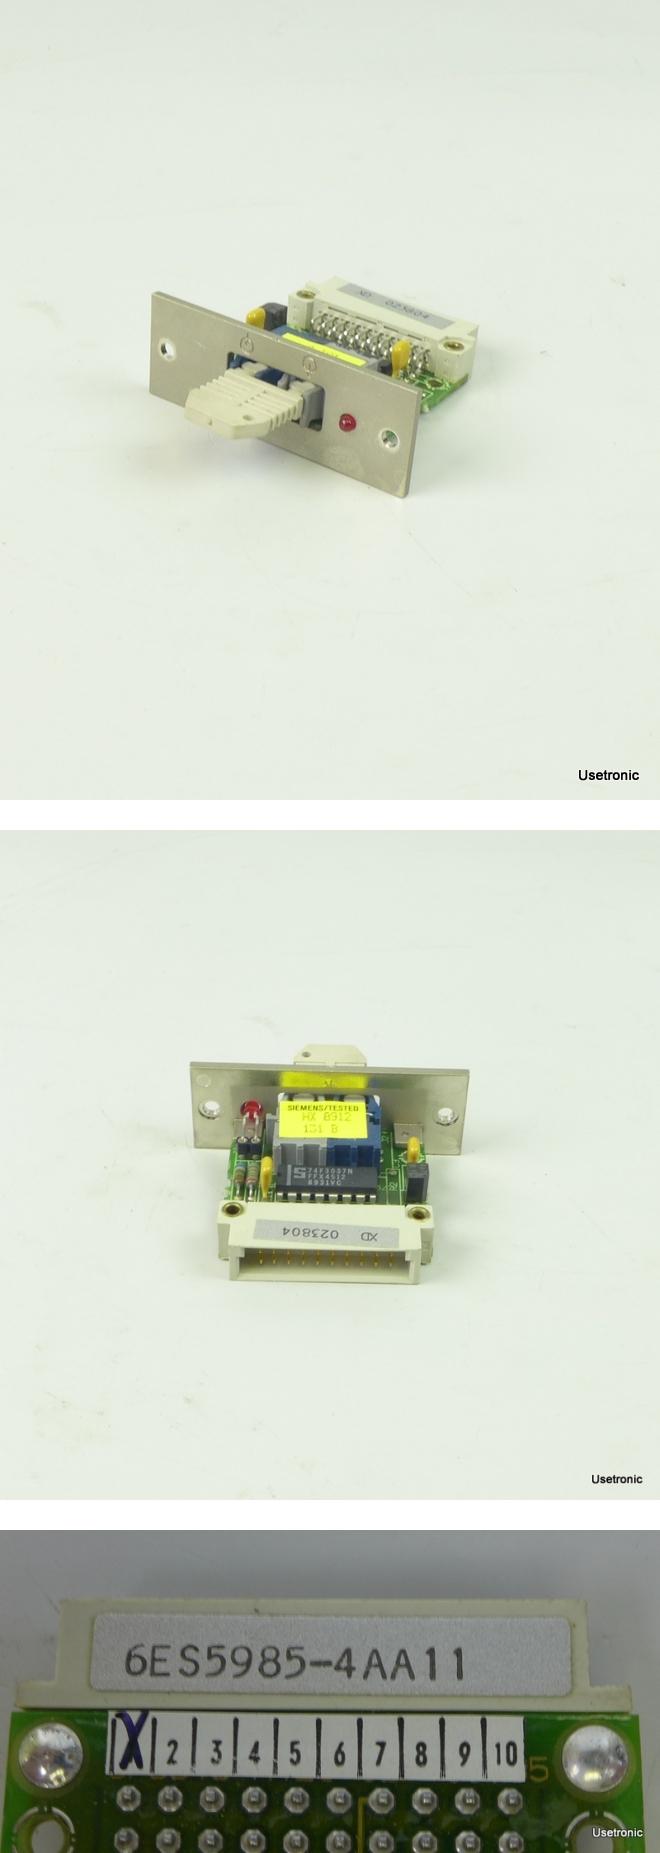 Siemens 6ES5985-4AA11